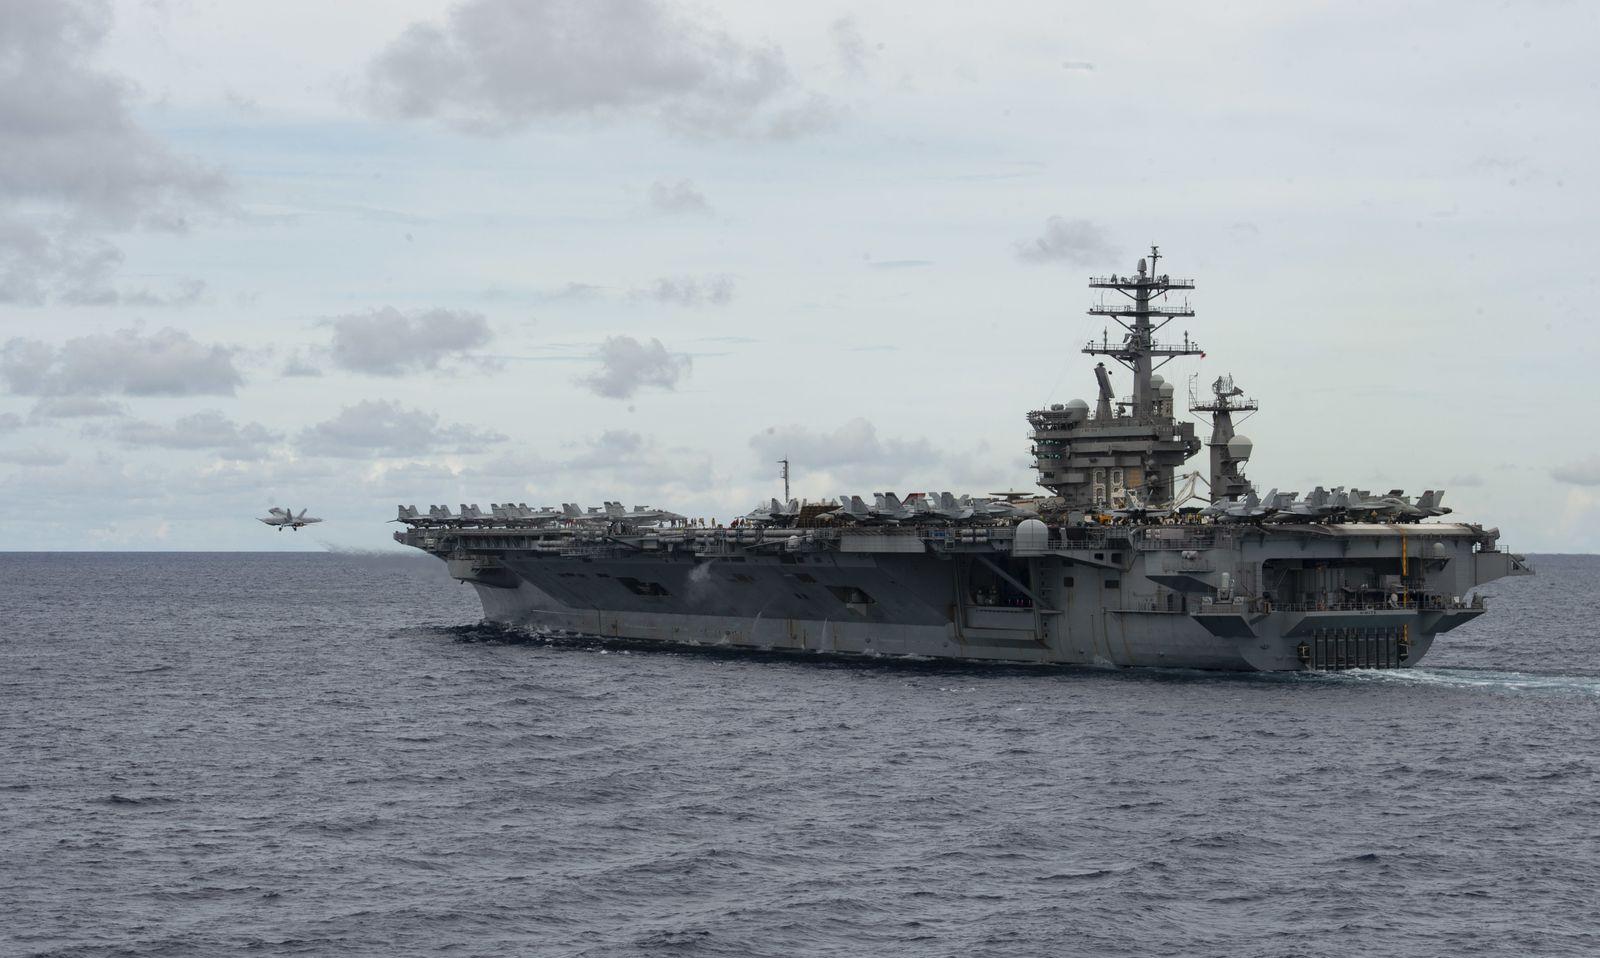 US Navy drills in South China Sea, At Sea - 09 Mar 2020